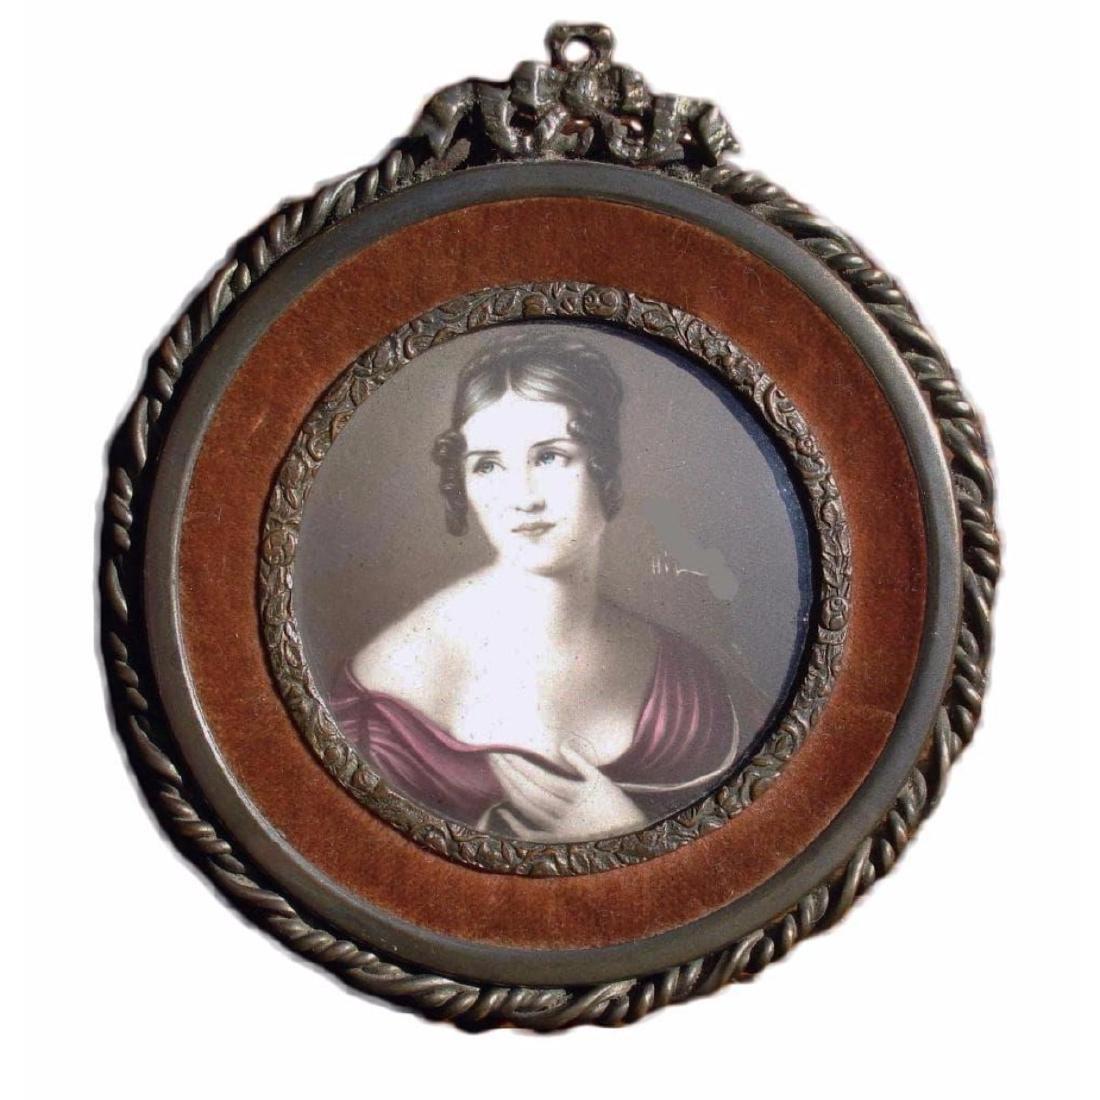 Antique Miniature Portrait of a Lady